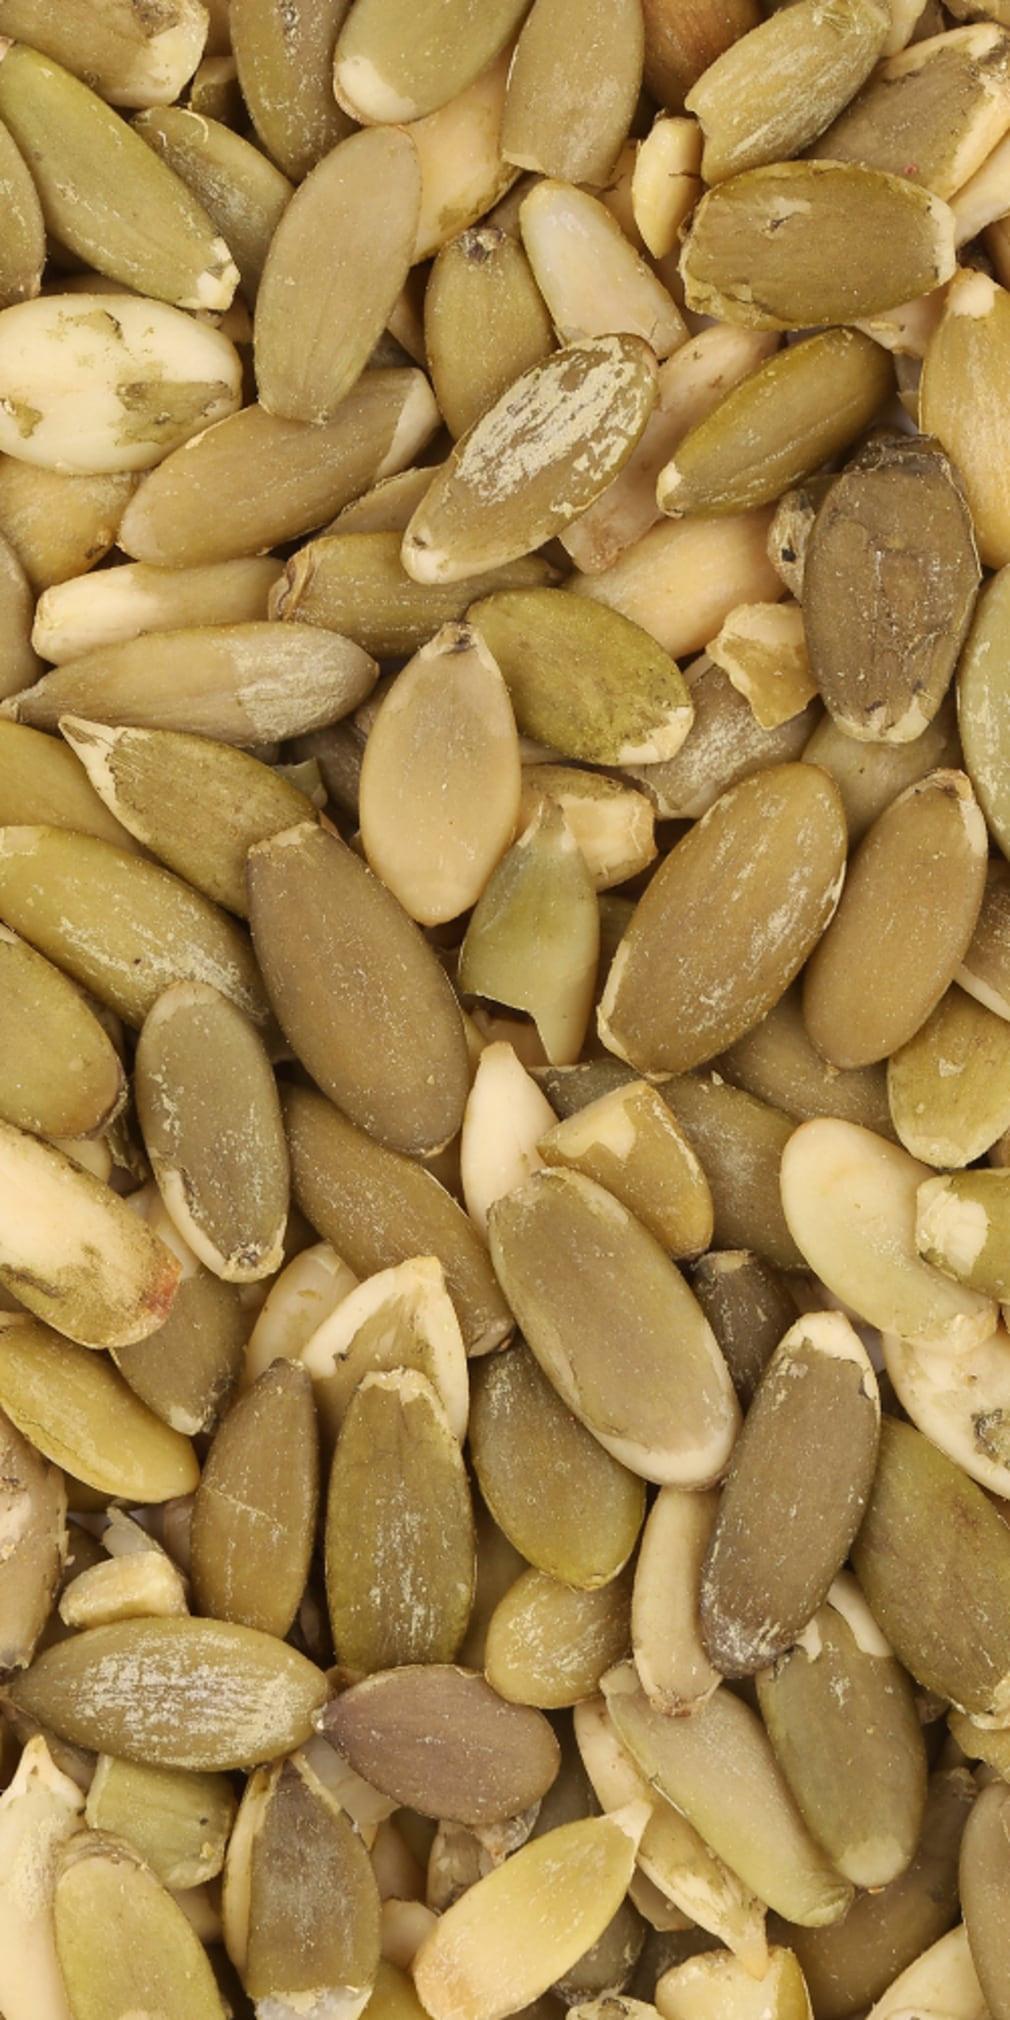 Raw Organic Pumpkin Seeds  Shelled Pumpkin Seeds Raw 1 lb 454 g Bag